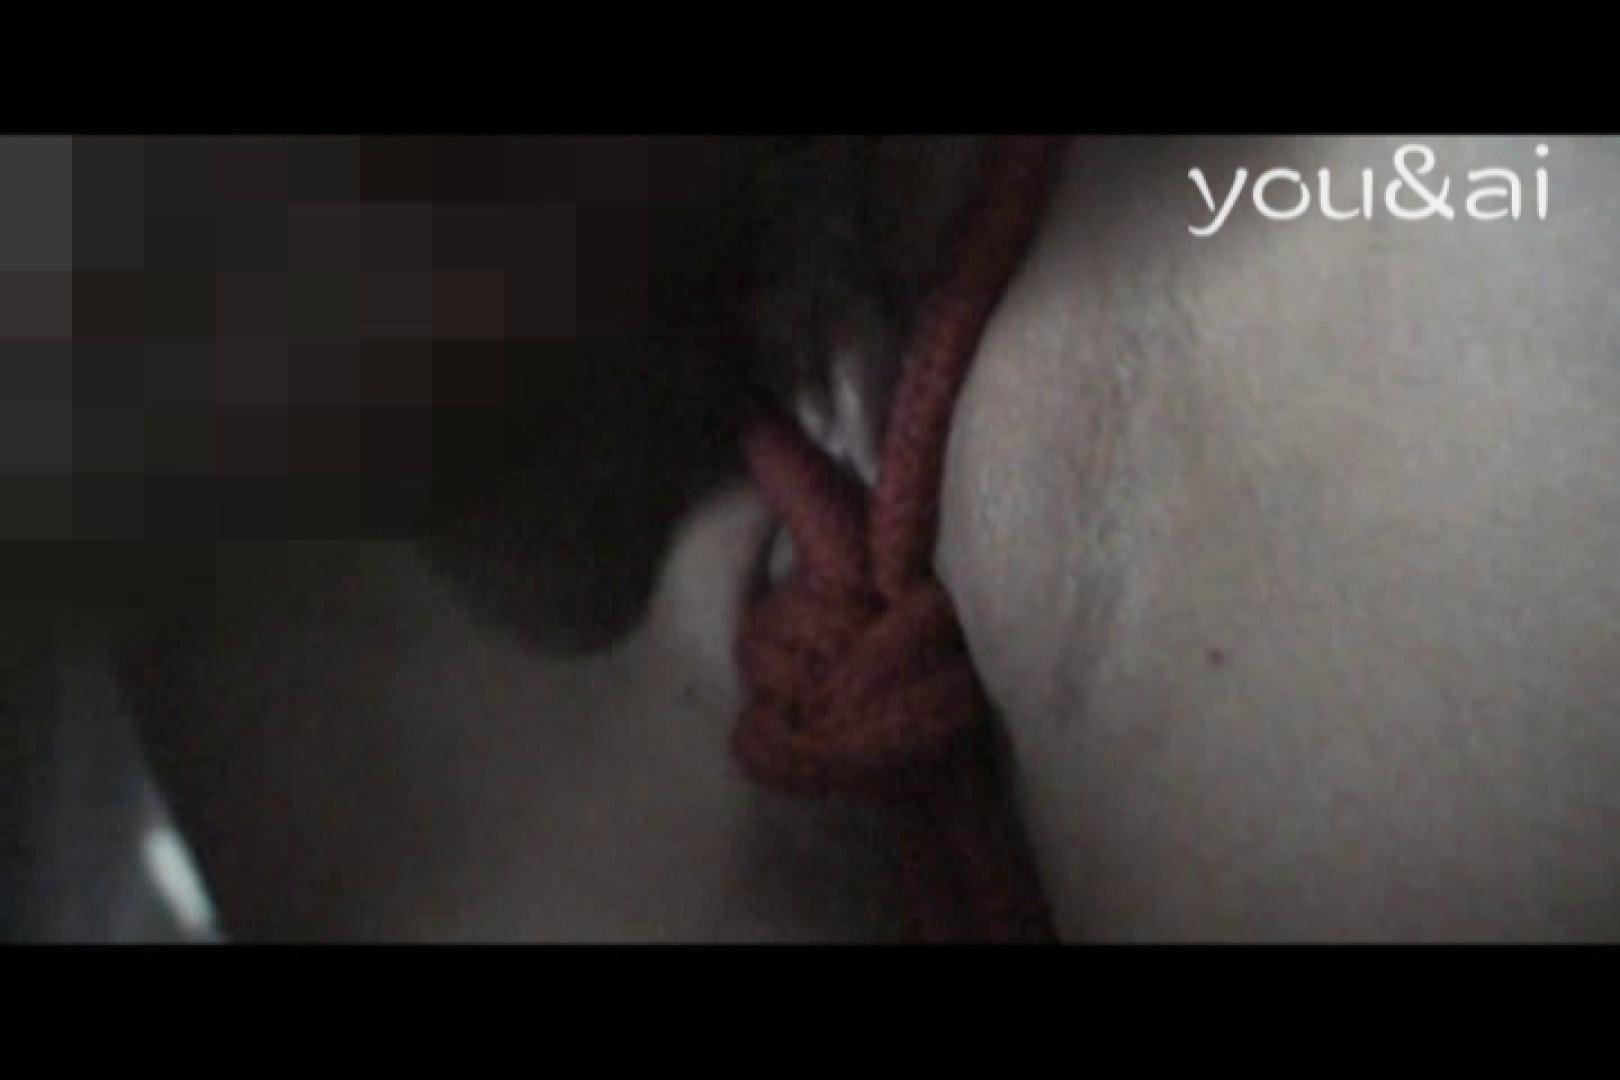 おしどり夫婦のyou&aiさん投稿作品vol.4 エッチなOL AV動画キャプチャ 71pic 18